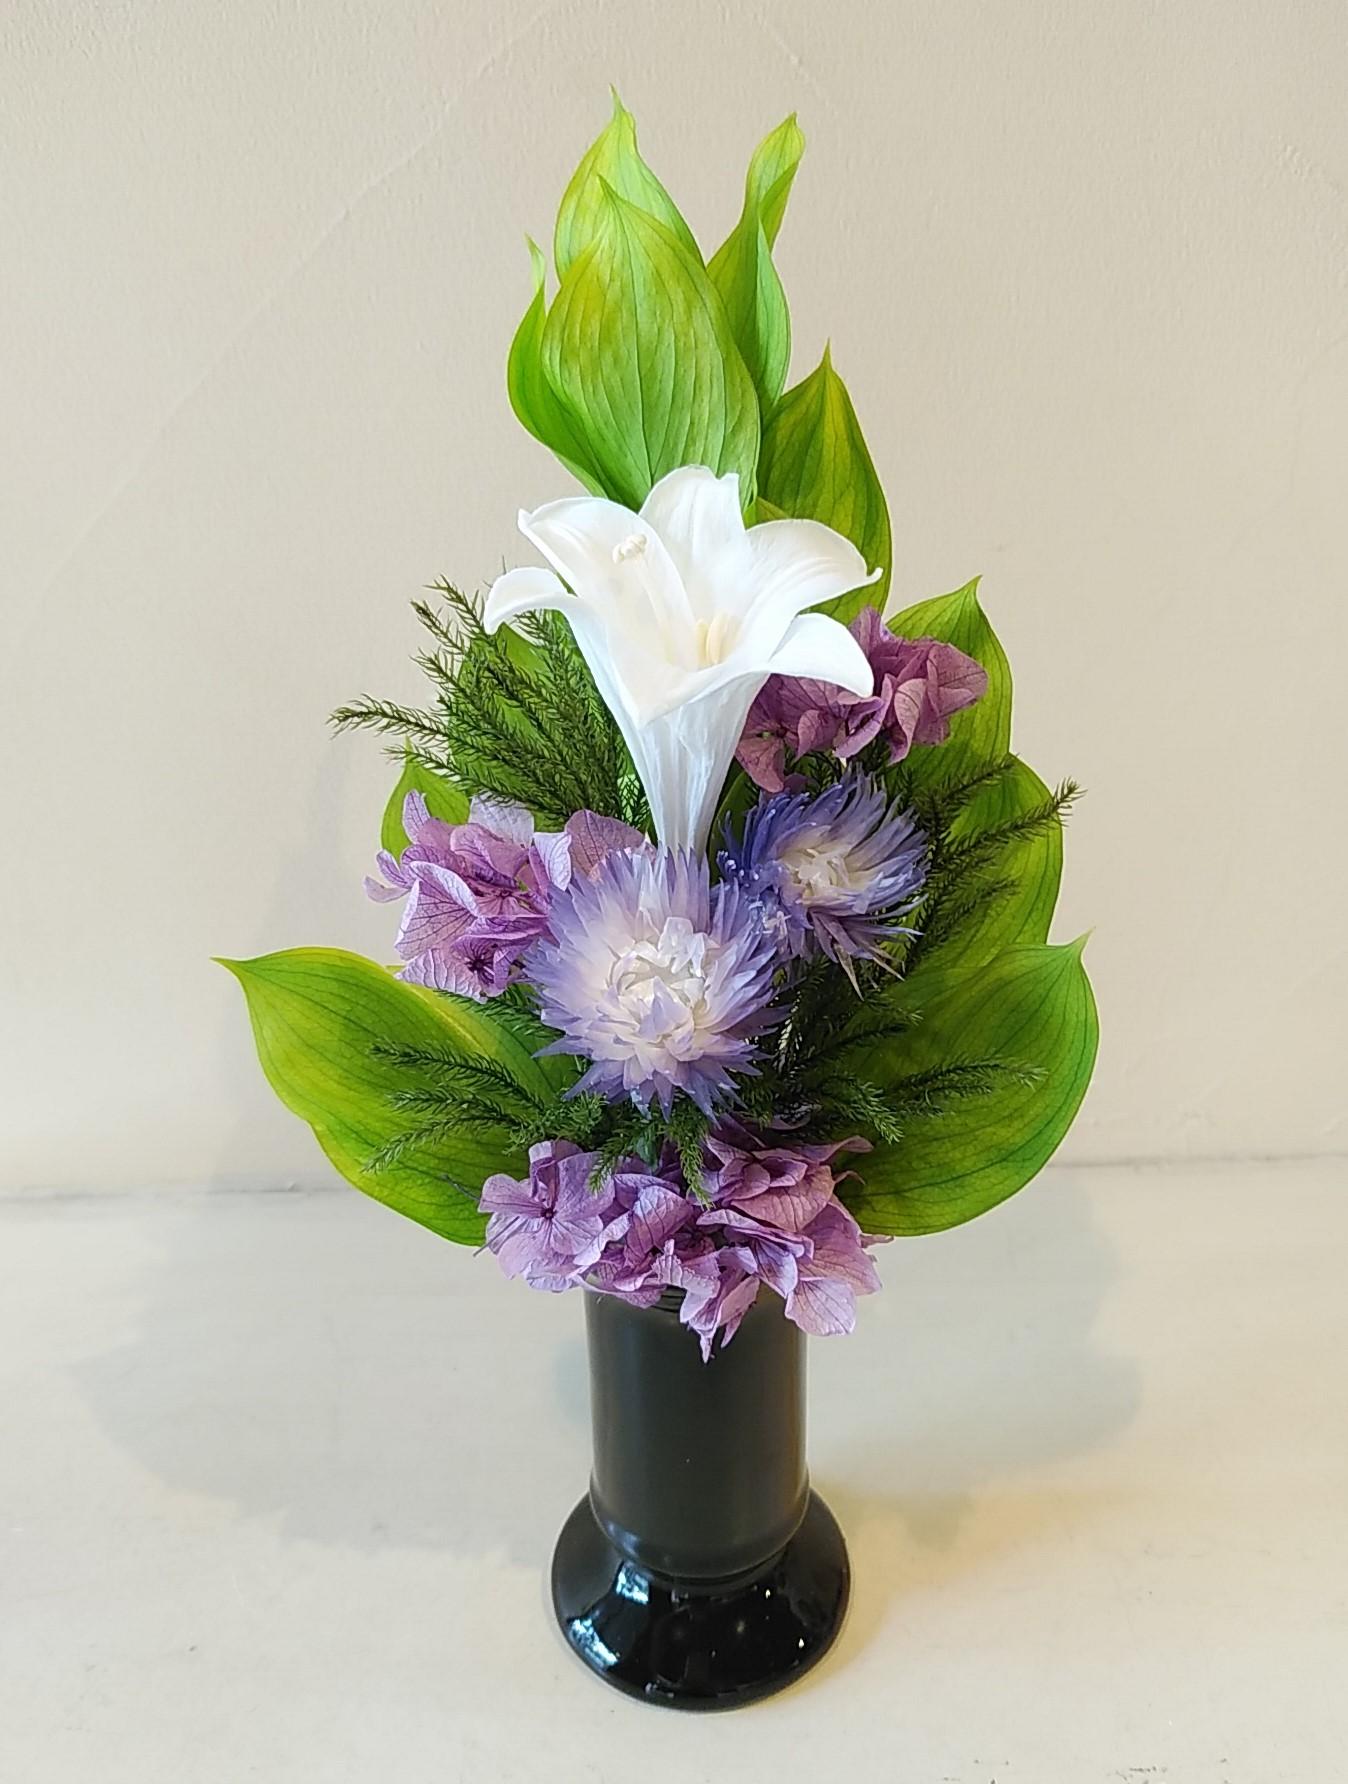 1DAY:プリザーブドフラワーでおしゃれな仏花を作ろう 20/09/01